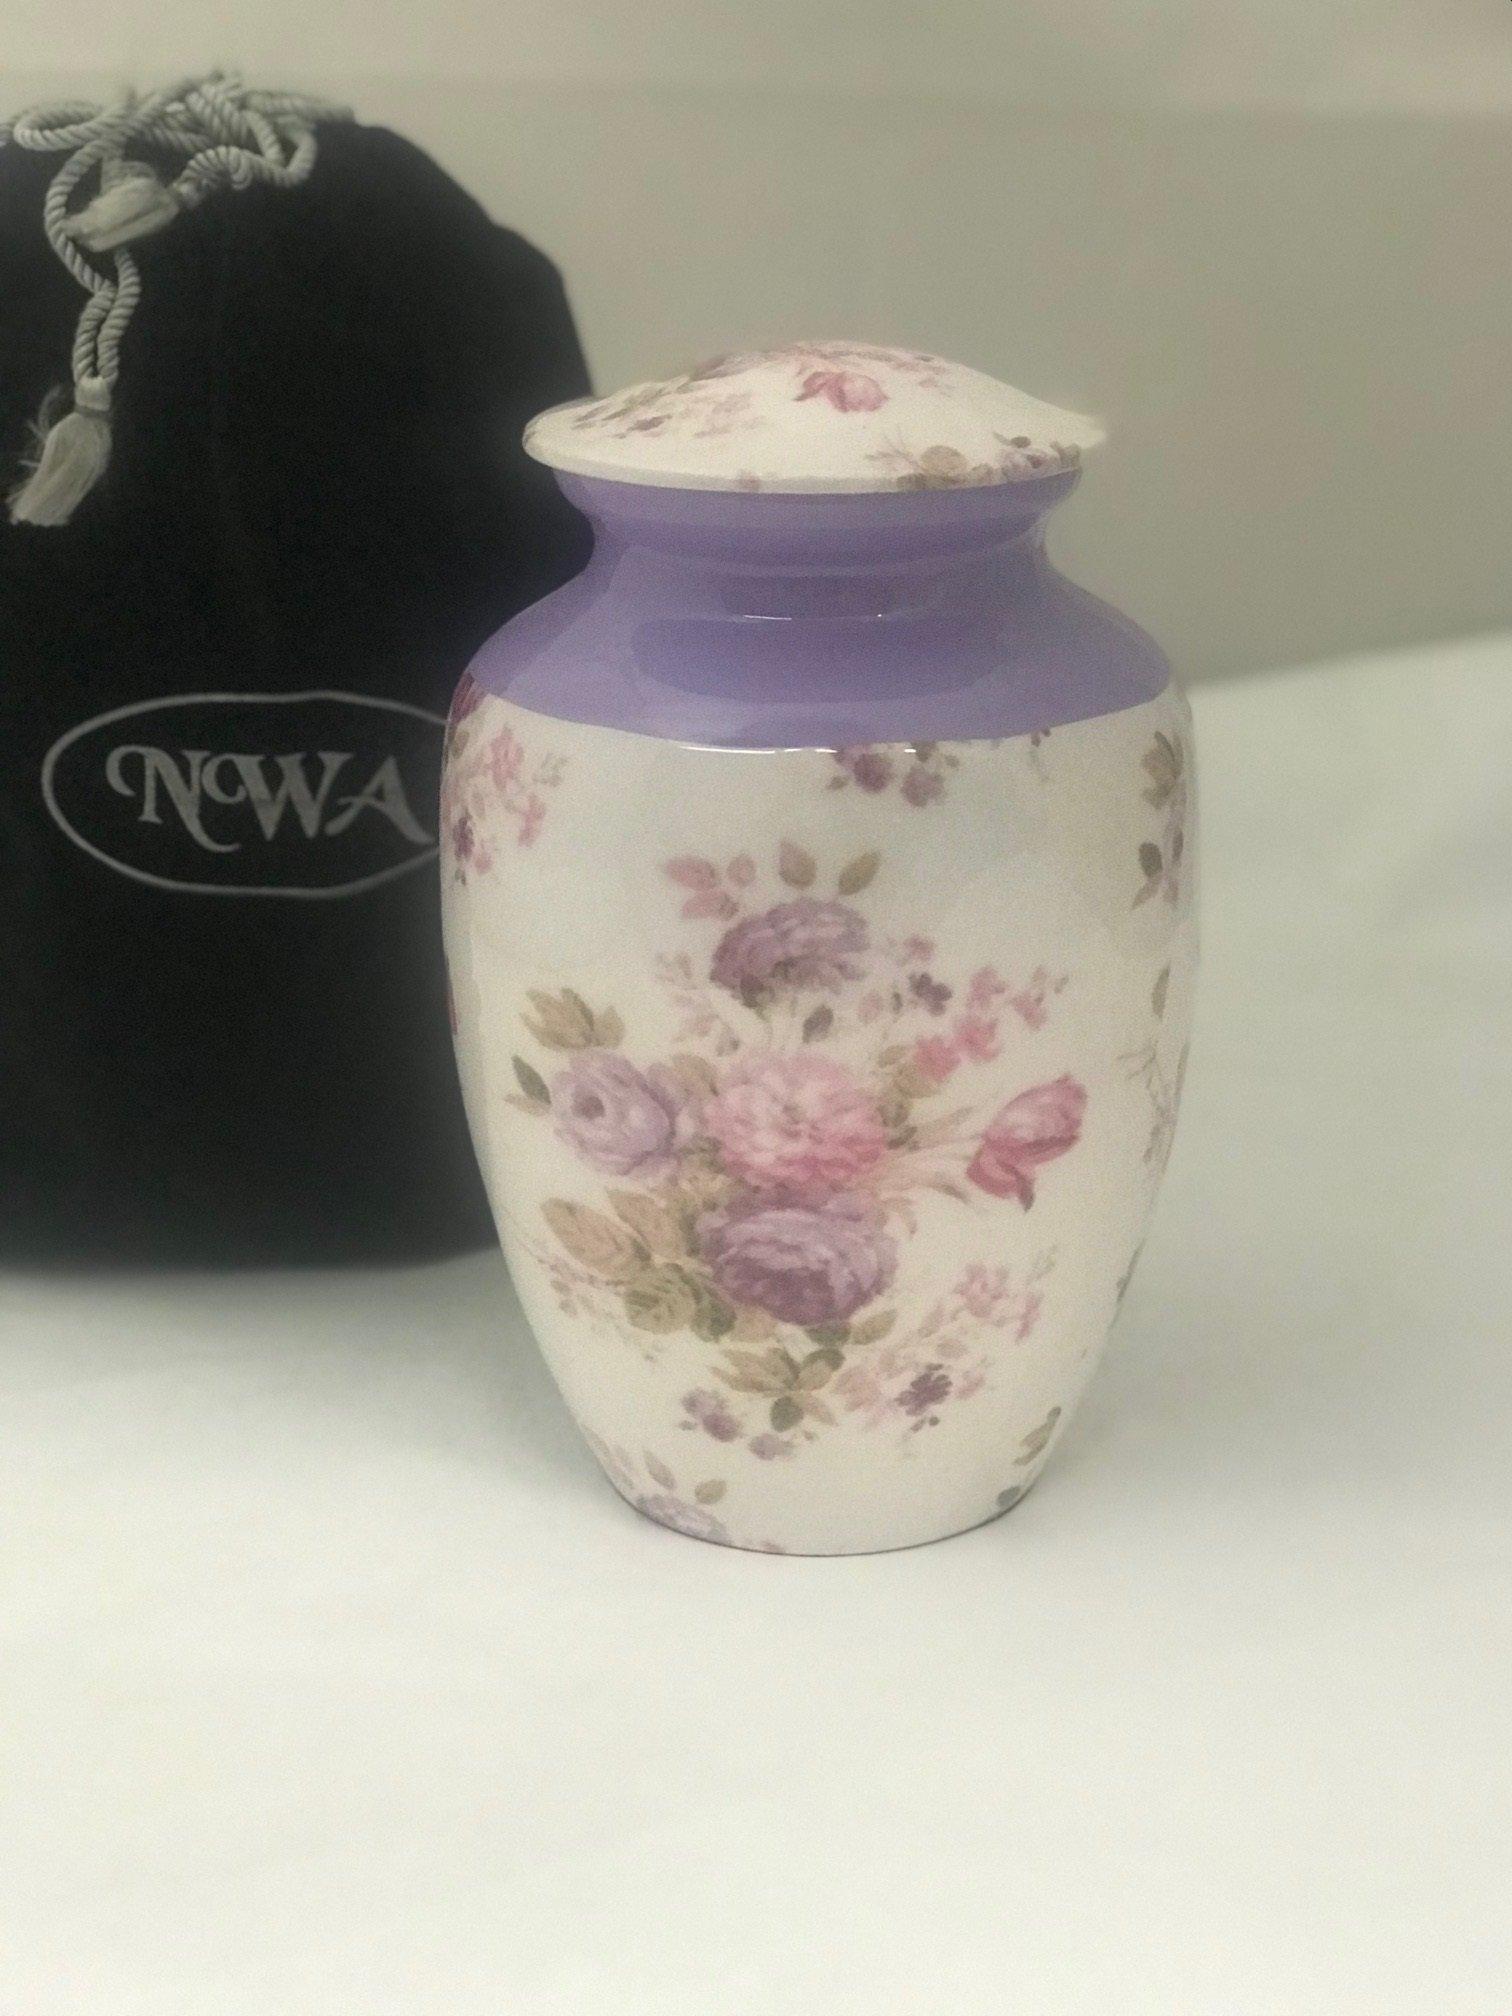 Urn For Human Ashes, Adult Size Floral Lavender Cremation Urn, Memorial Human Urn with Velvet Bag